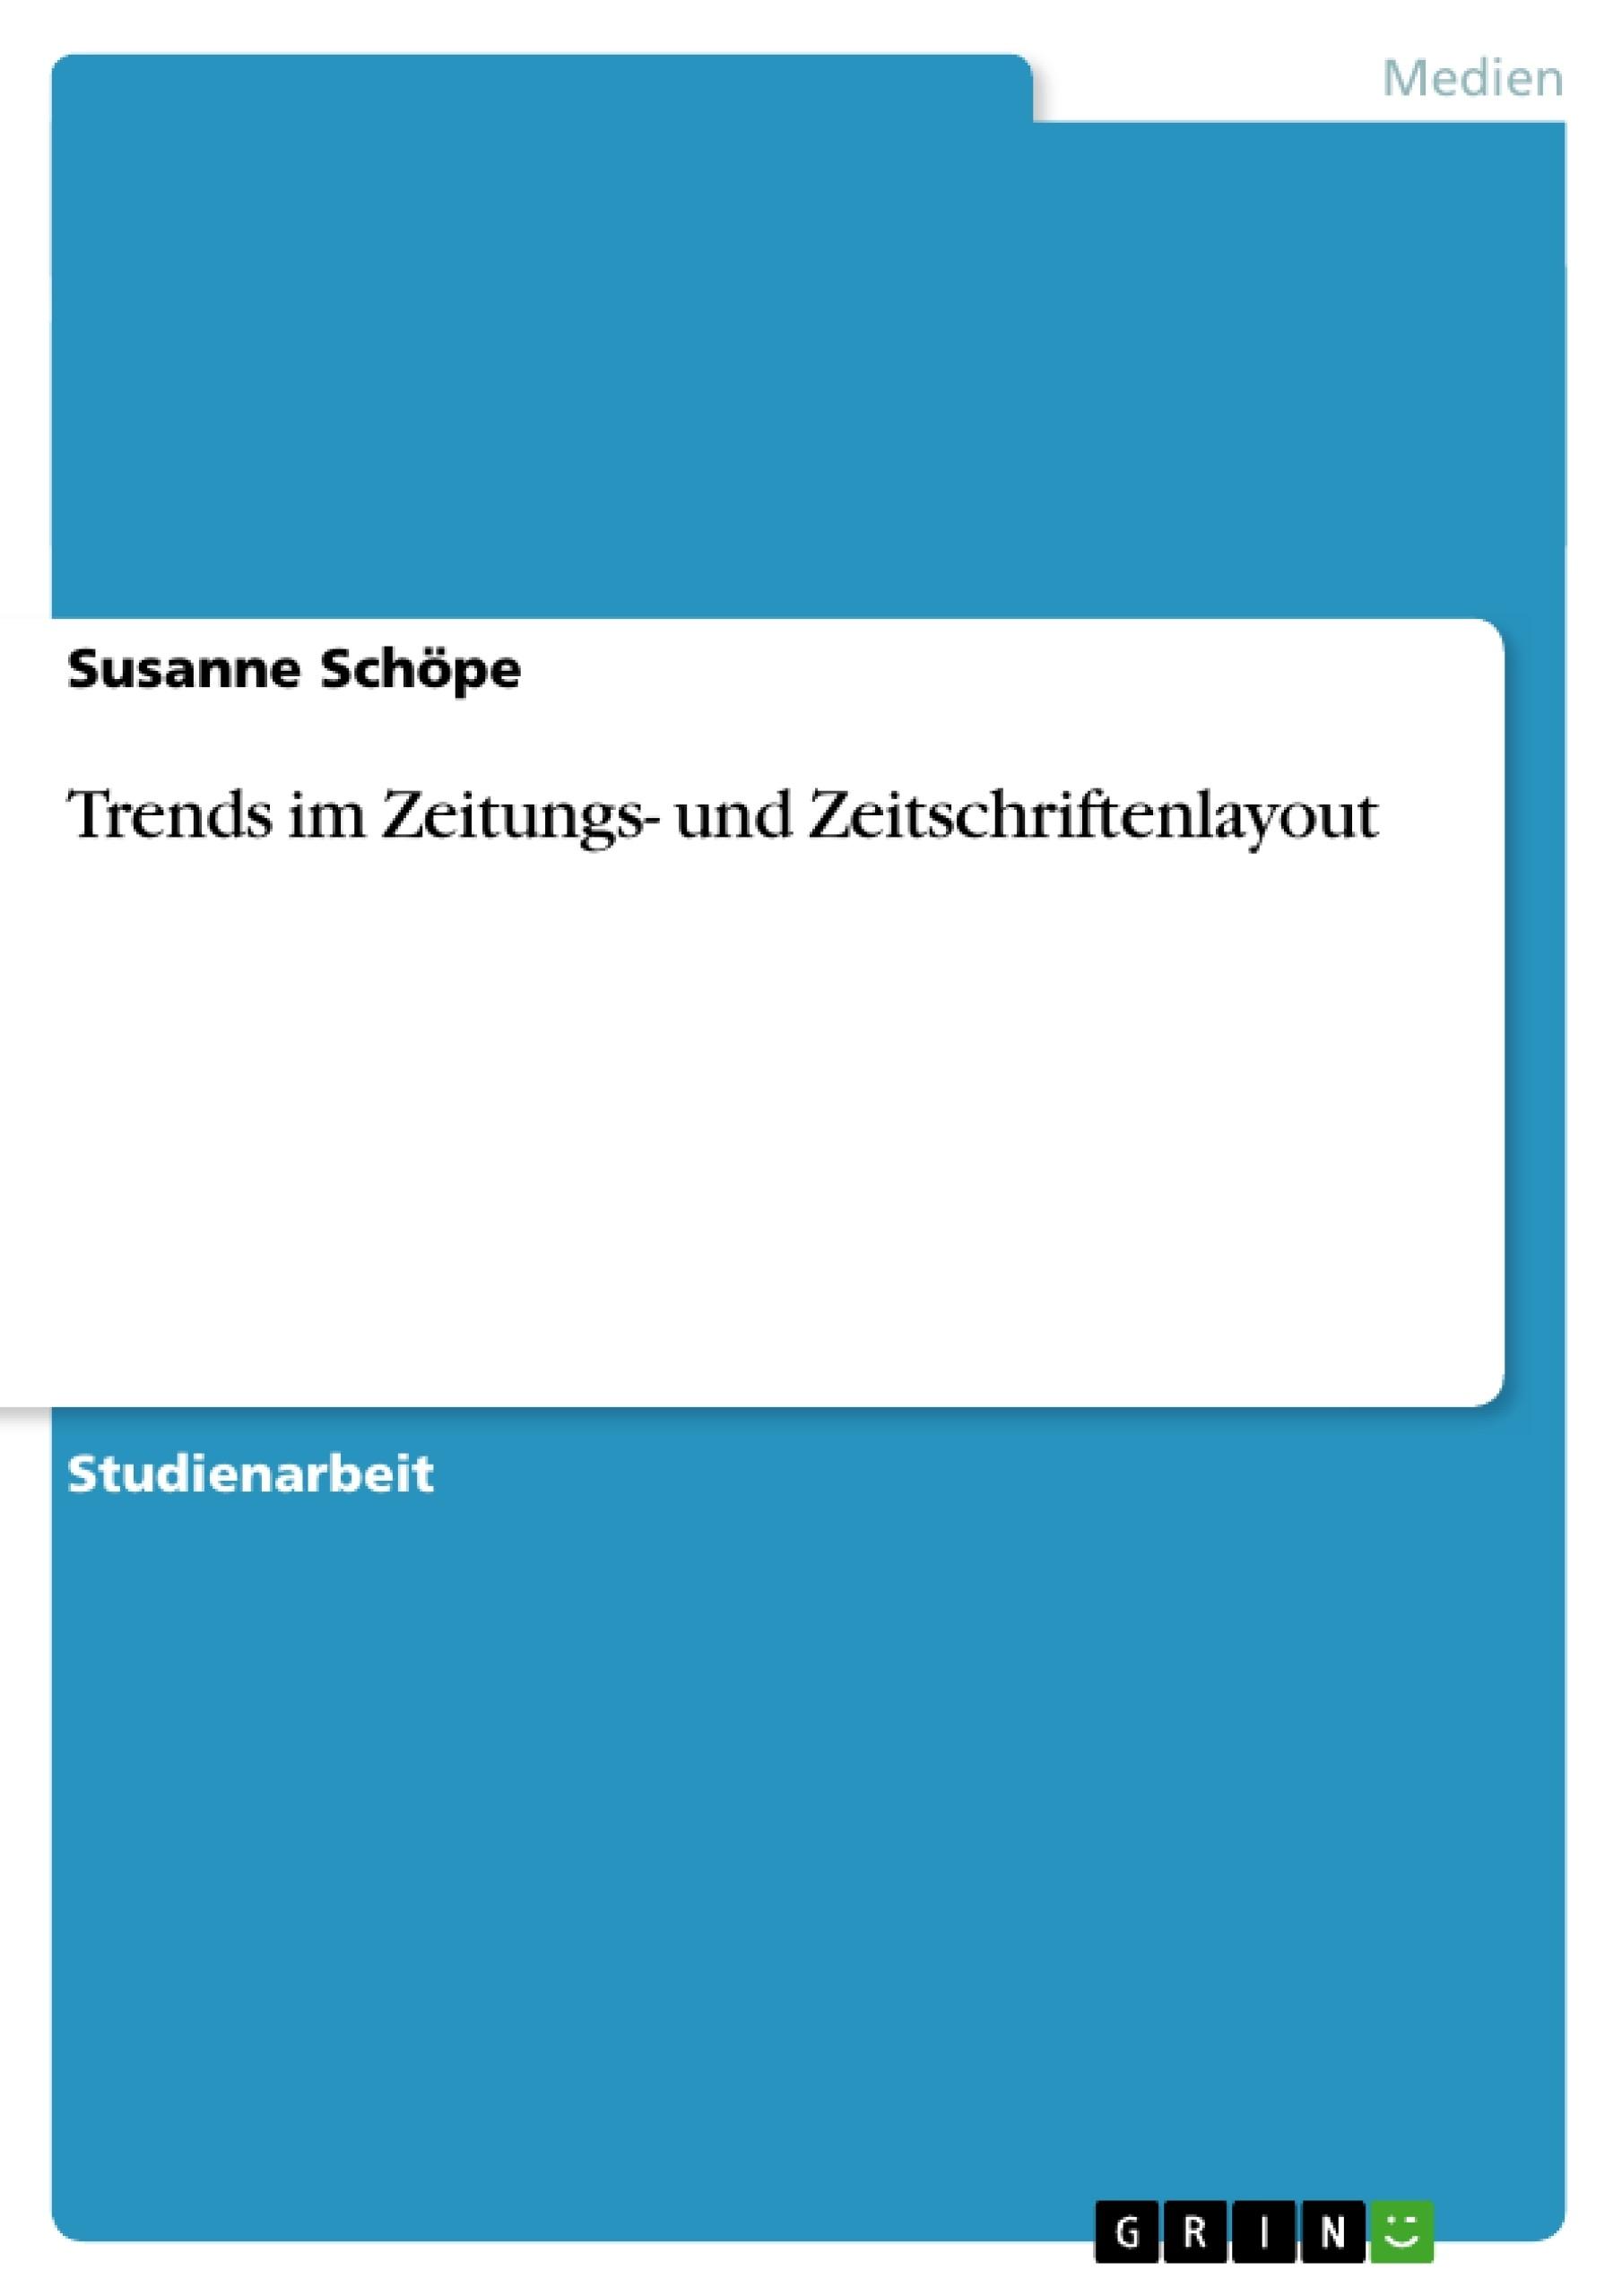 Titel: Trends im Zeitungs- und Zeitschriftenlayout